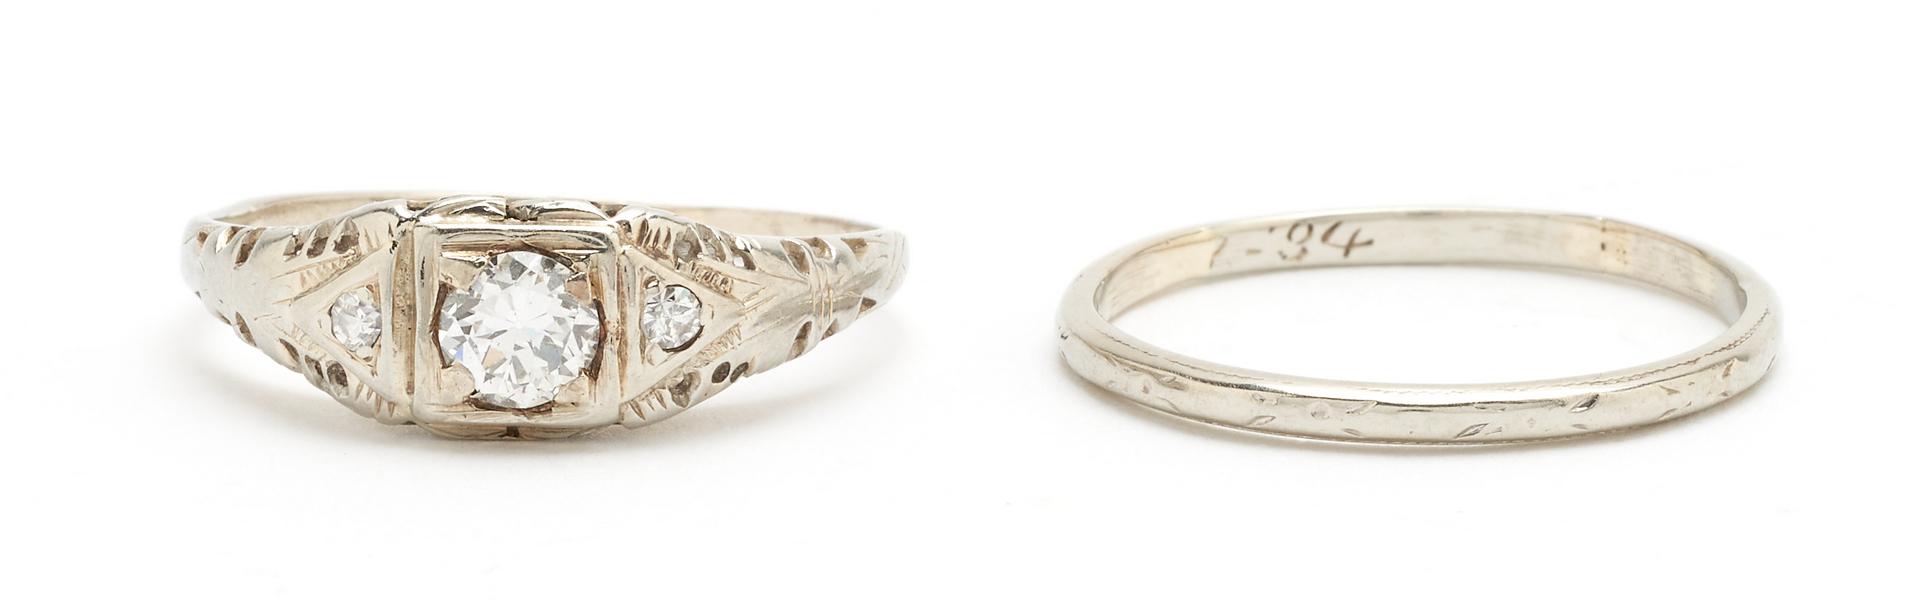 Lot 1216: Ladies 14K Engagement Ring & 18K Wedding Band